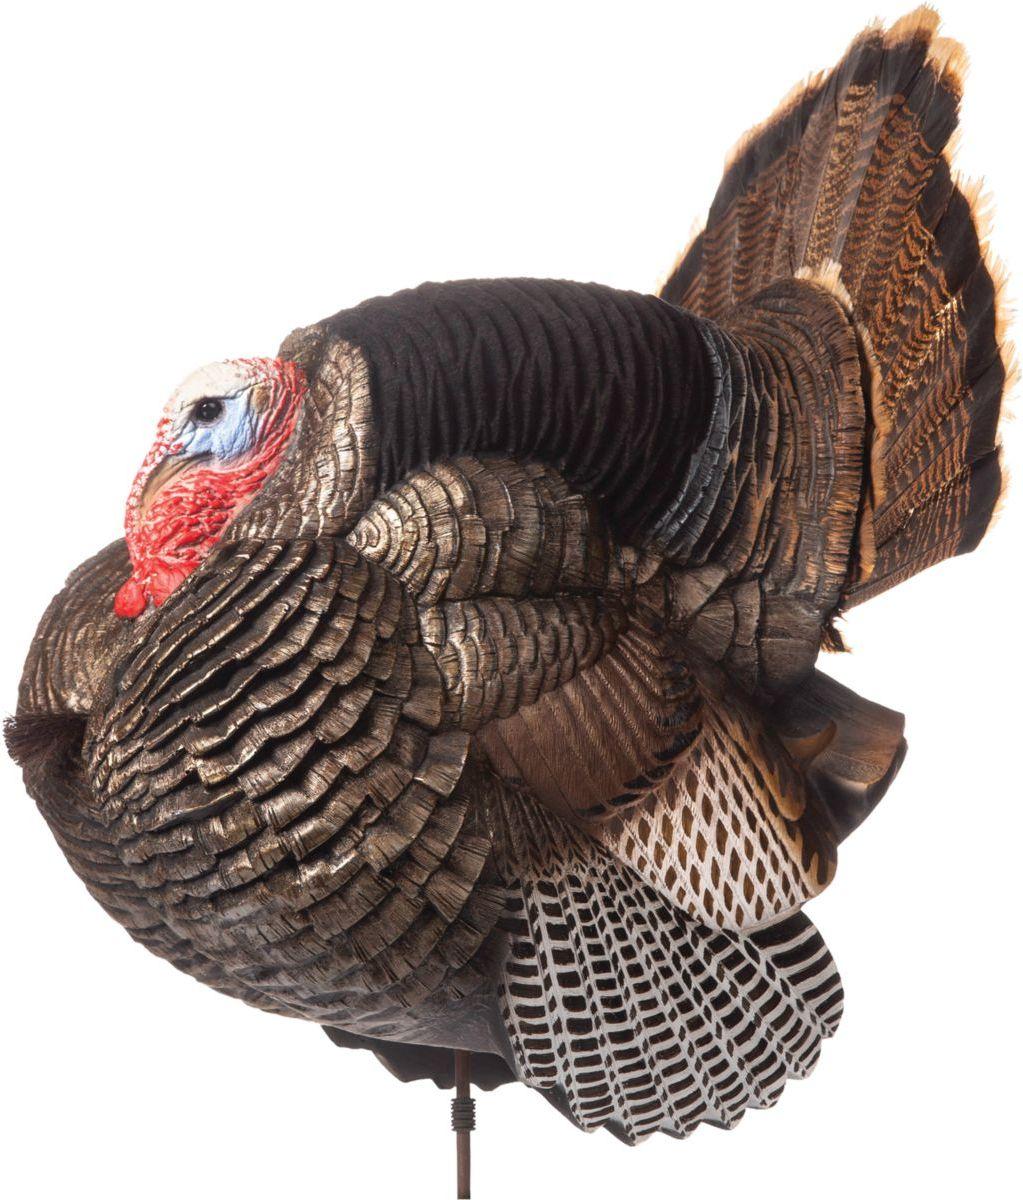 Dave Smith Decoys® Jake Strutter Turkey Decoy